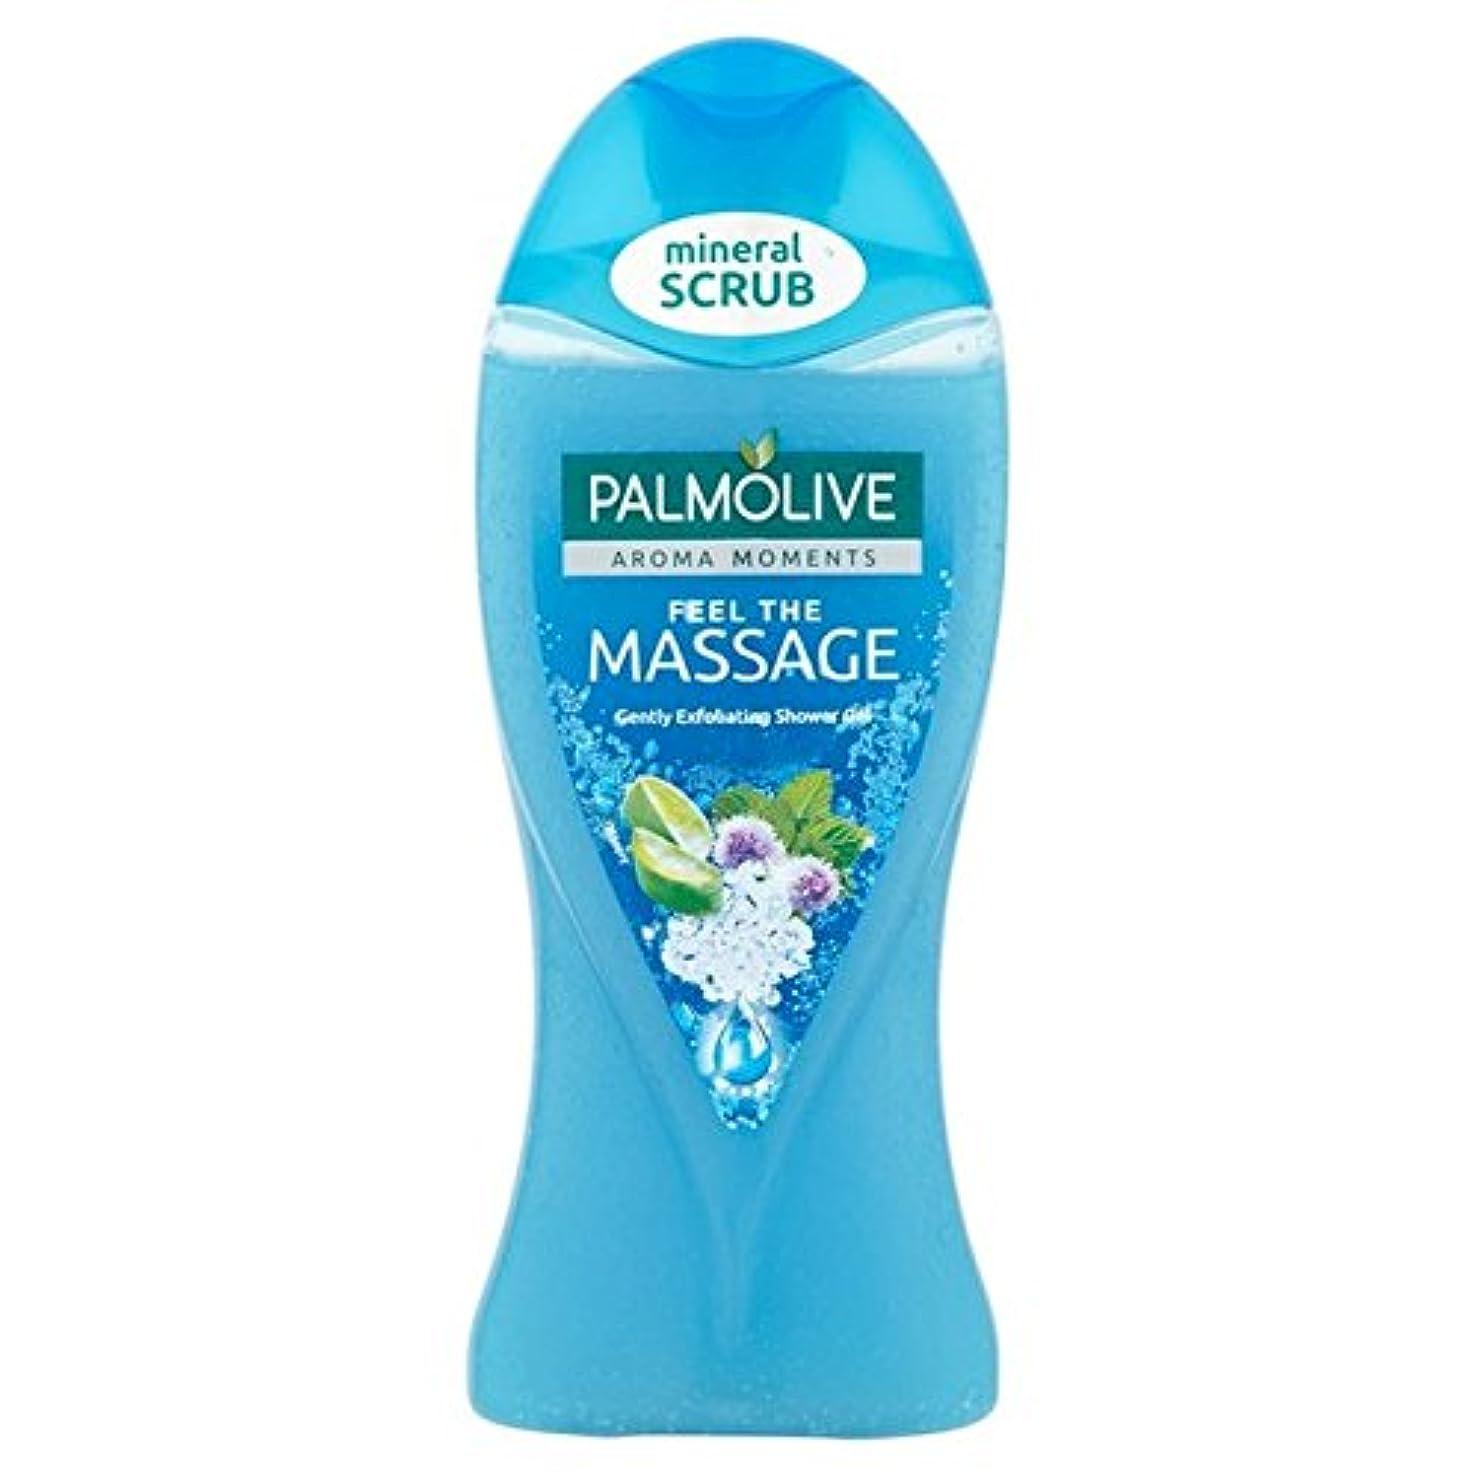 フィット非公式懺悔パルモシャワージェルマッサージ250ミリリットル x4 - Palmolive Shower Gel Massage 250ml (Pack of 4) [並行輸入品]